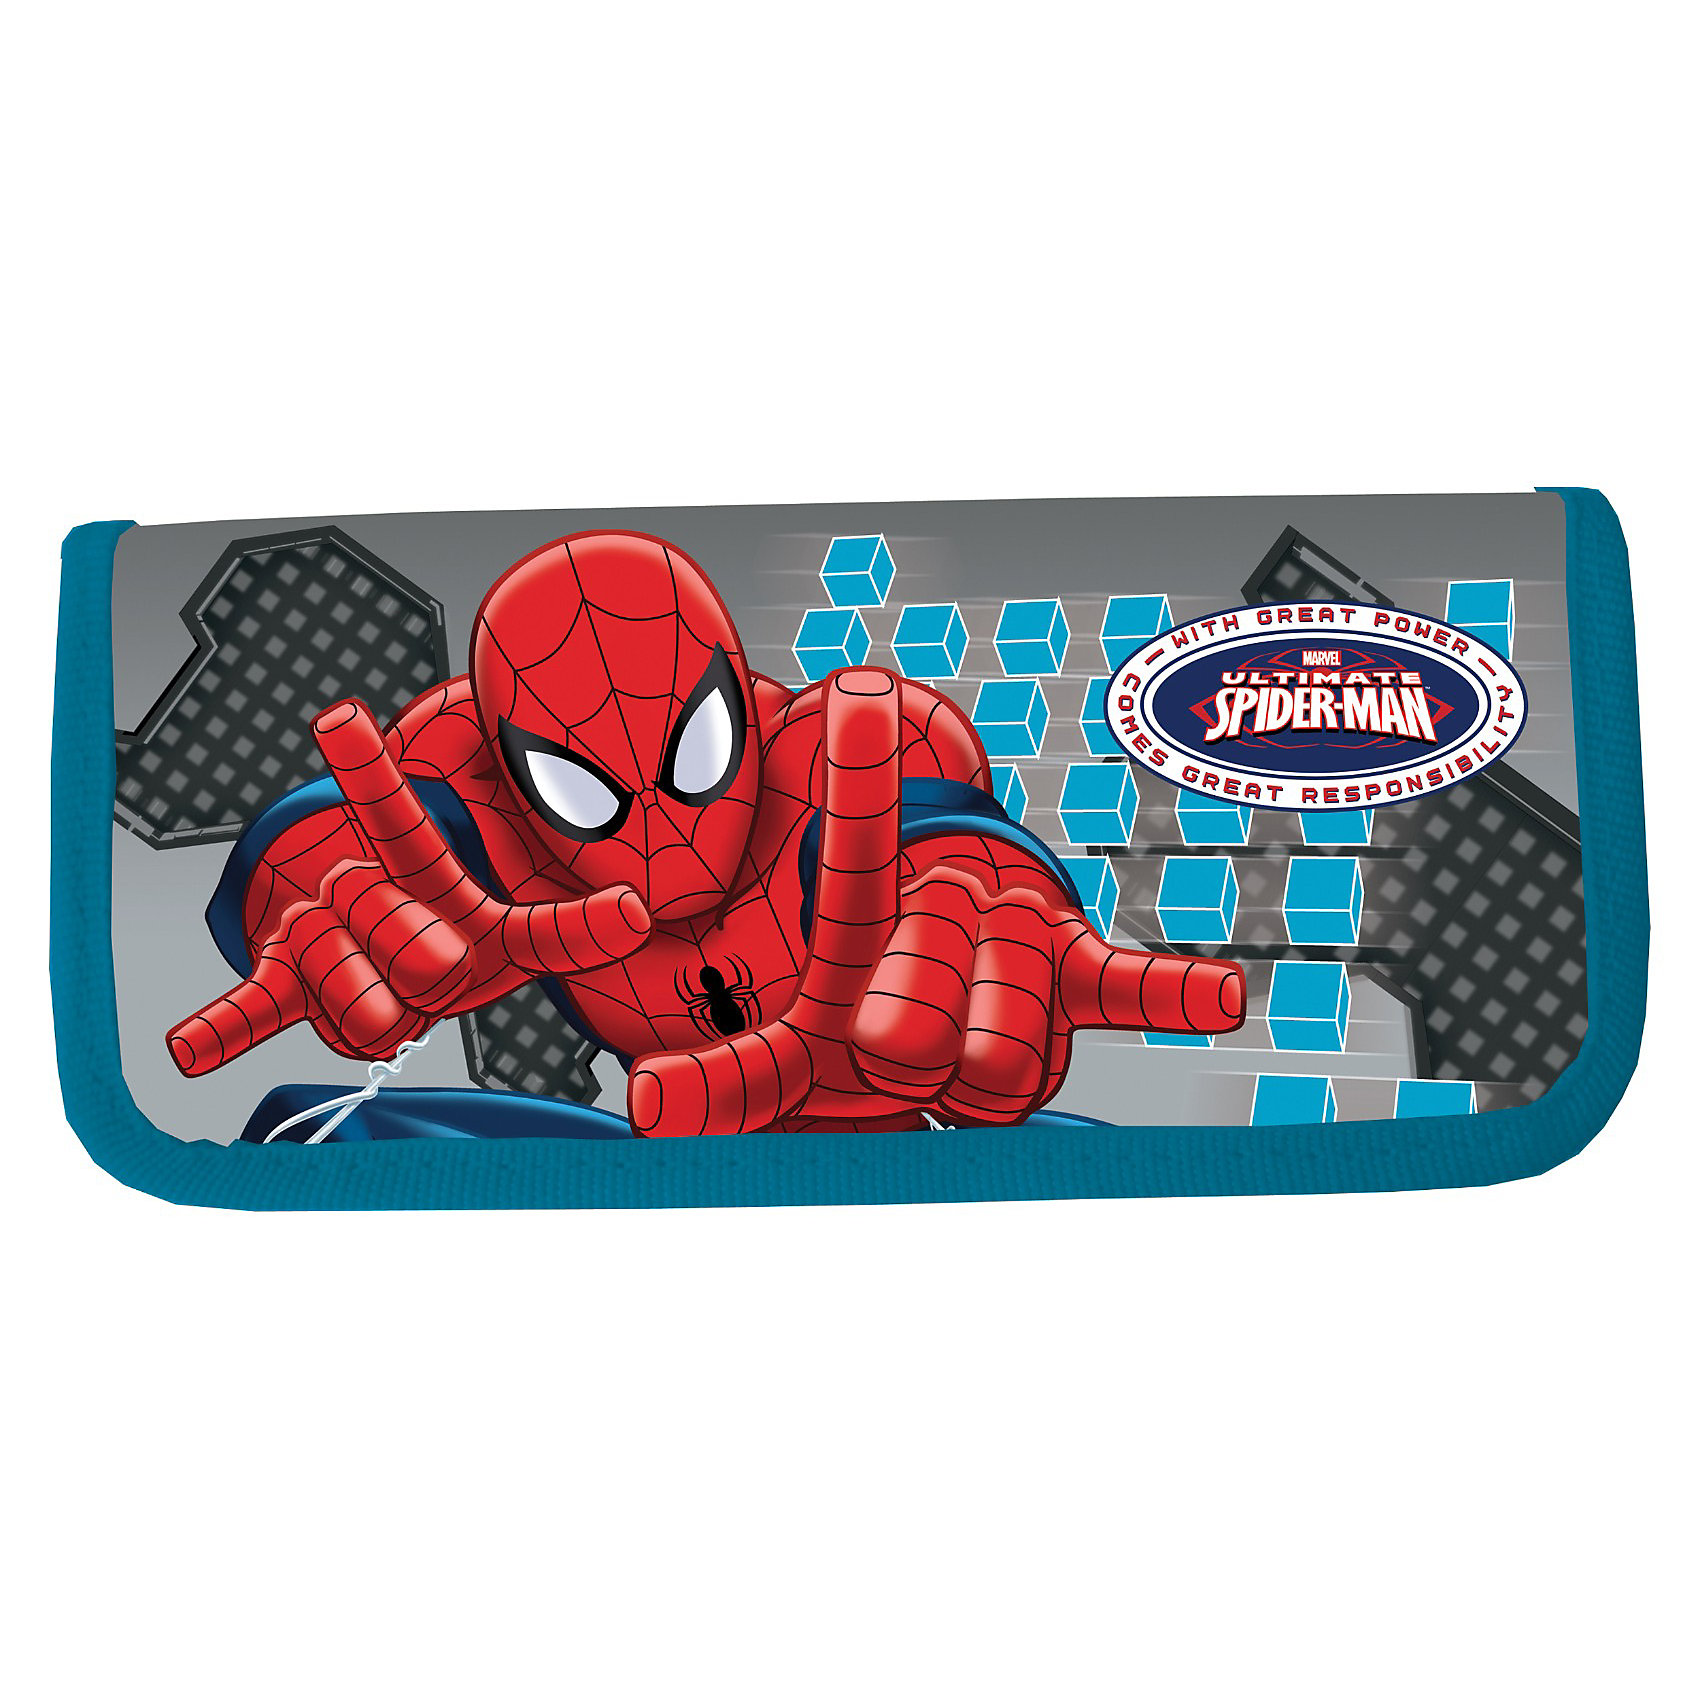 Пенал жесткий, Человек-ПаукЧеловек-Паук<br>Пенал жесткий ламинированный Человек Паук понравится поклонникам мультфильма о приключениях необычного героя по имени Spider Man. В таком пенале очень удобно носить все необходимые школьные канцелярские принадлежности.<br>Пенал жесткий ламинированный Spider Man сделан в виде небольшой книжки<br>Внутри пенала имеются крепления для канцелярских принадлежностей<br>Поверхность пенала ламинированная<br>В качестве декора использован рисунок, сделанный по мотивам популярного мультфильма<br>Способ нанесения изображения - конгревное тиснение<br><br>Дополнительная информация:<br><br>- размер пенала: 20 х 9 х 3 см.<br>- материал: полиэстер<br><br>Пенал ламинированный Человек Паук  можно купить в нашем магазине.<br><br>Ширина мм: 210<br>Глубина мм: 90<br>Высота мм: 30<br>Вес г: 37<br>Возраст от месяцев: 48<br>Возраст до месяцев: 84<br>Пол: Мужской<br>Возраст: Детский<br>SKU: 3562972